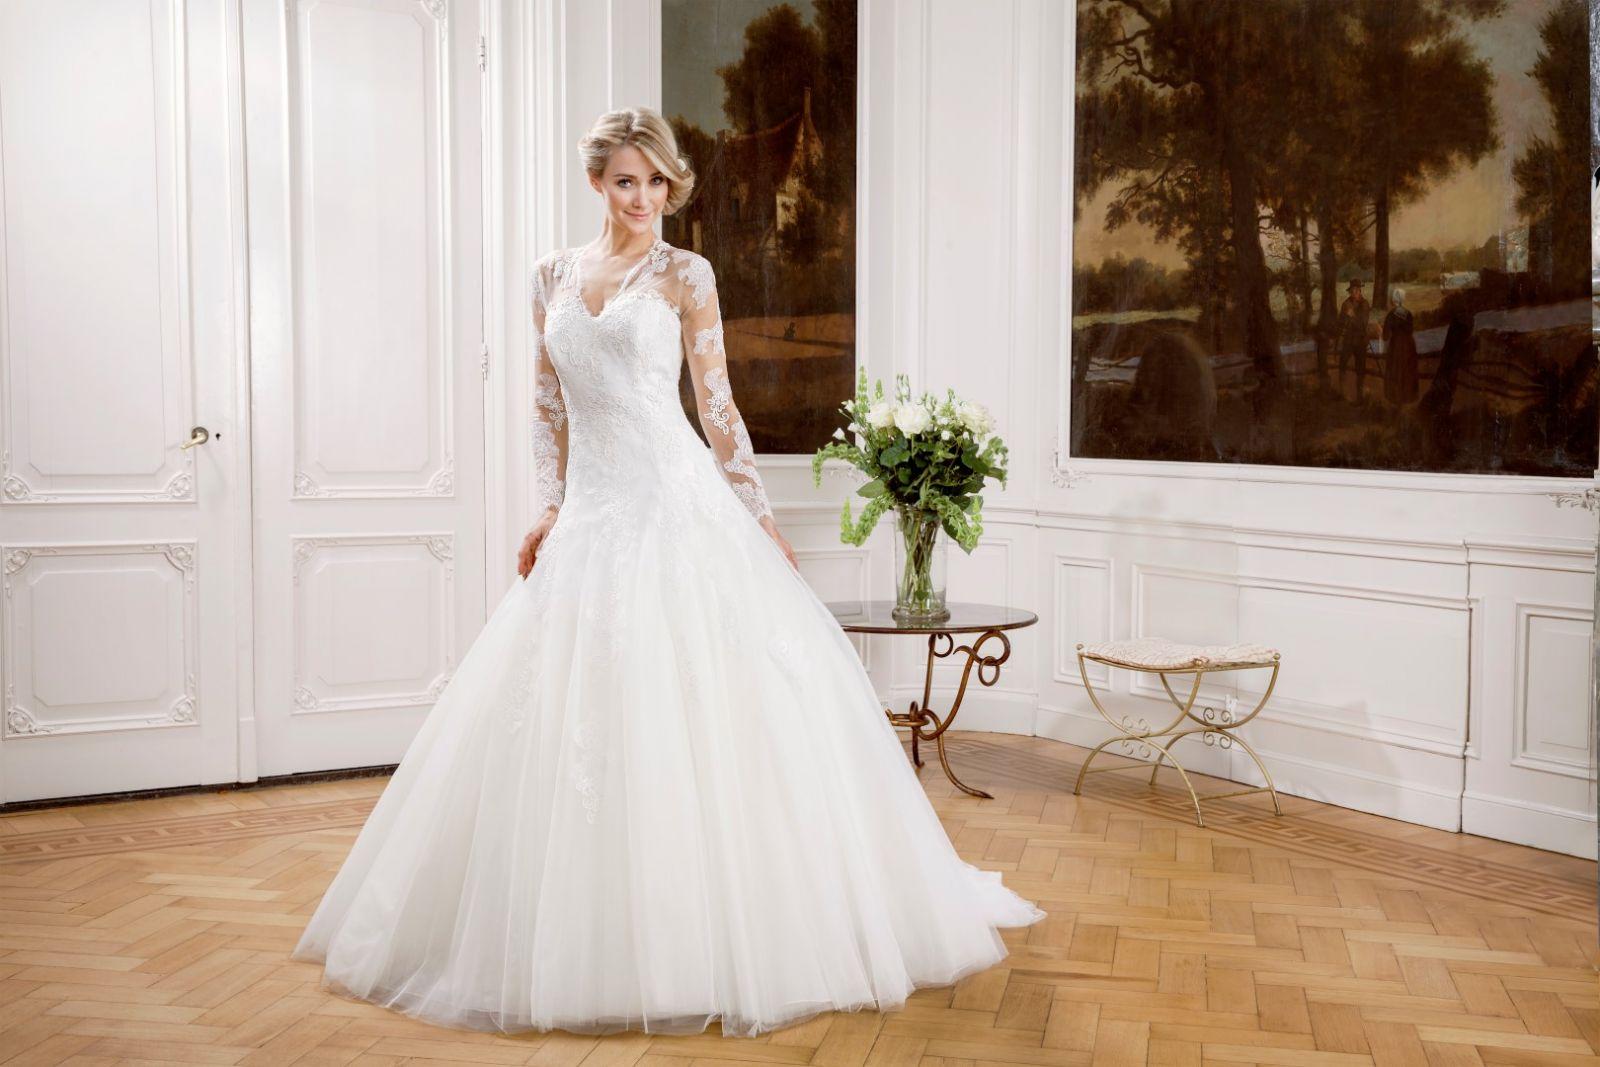 Royal Menyasszonyi Ruha | Modeca Esküvői Ruha Kollekció